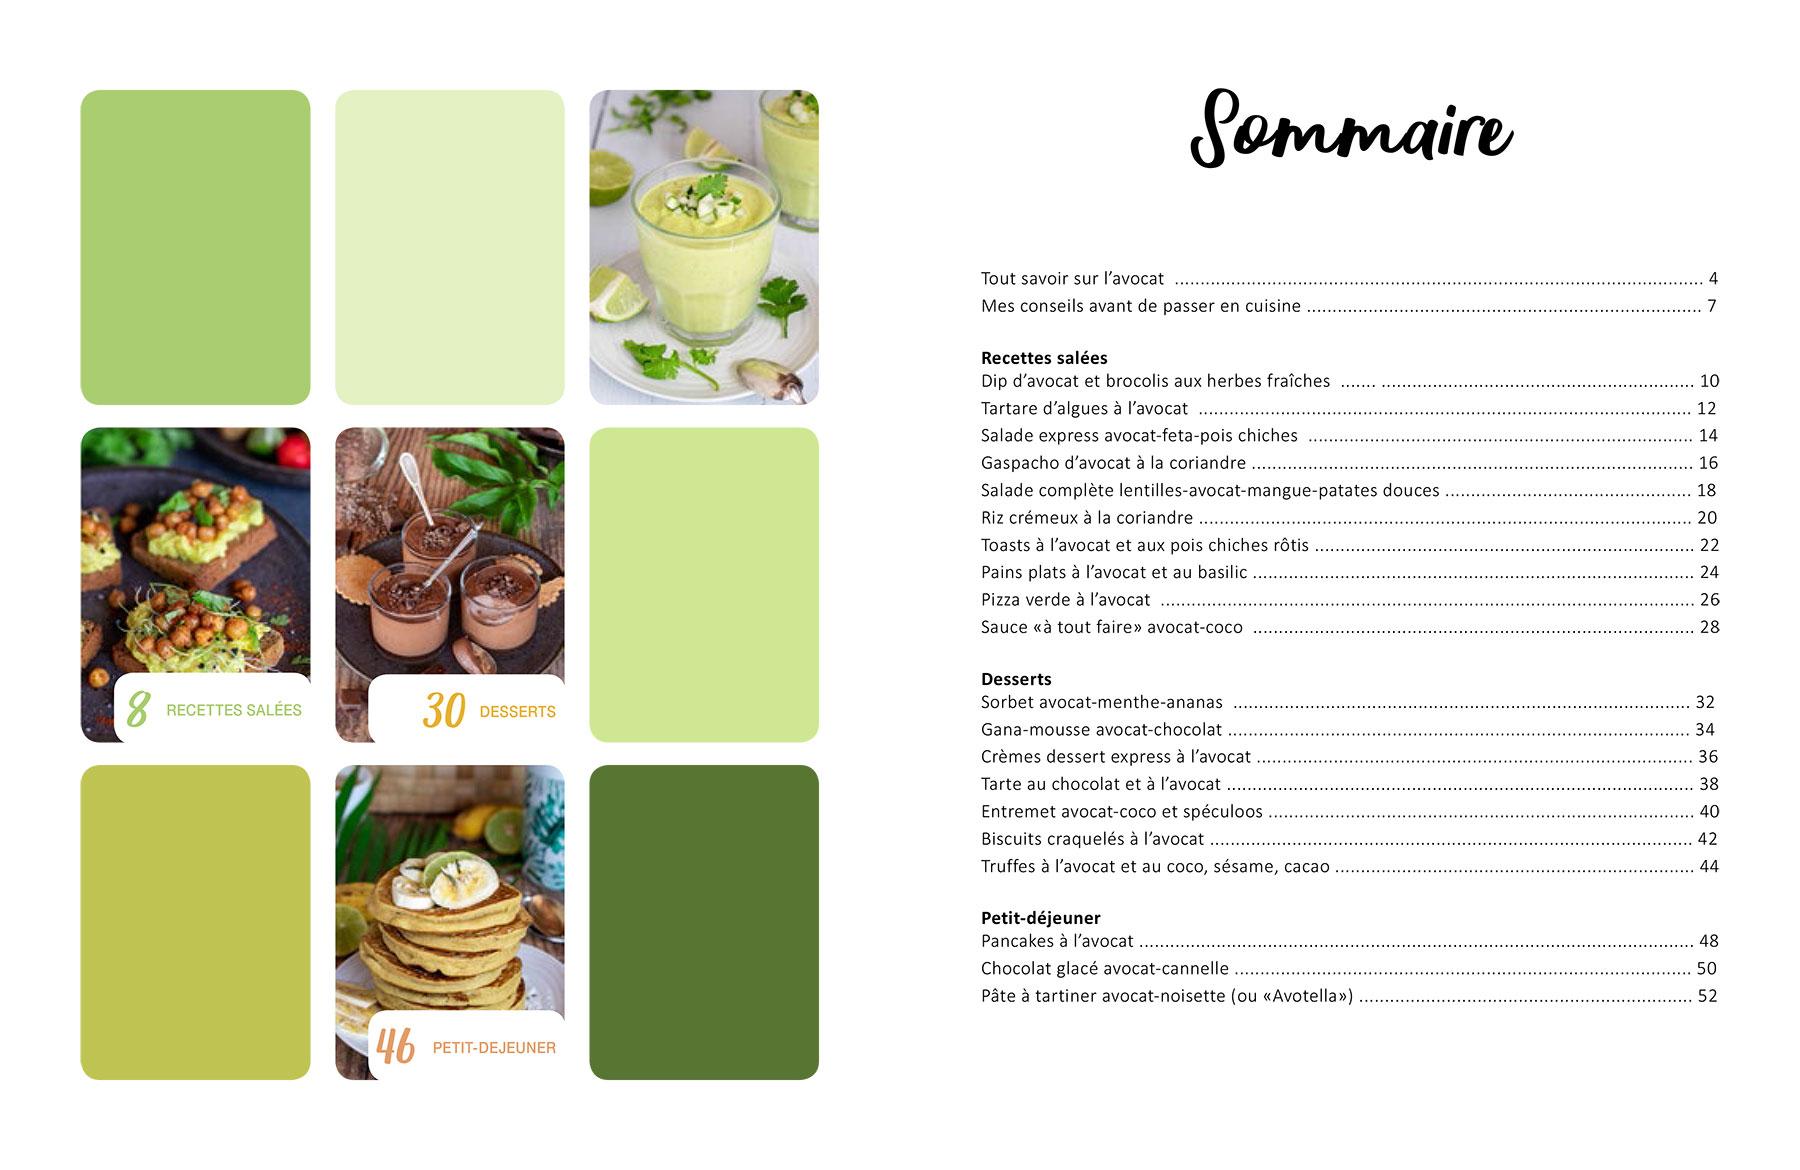 Sommaire du livre de cuisine : AVOCAT, 20 recettes végétales pour cuisiner l'avocat différemment.